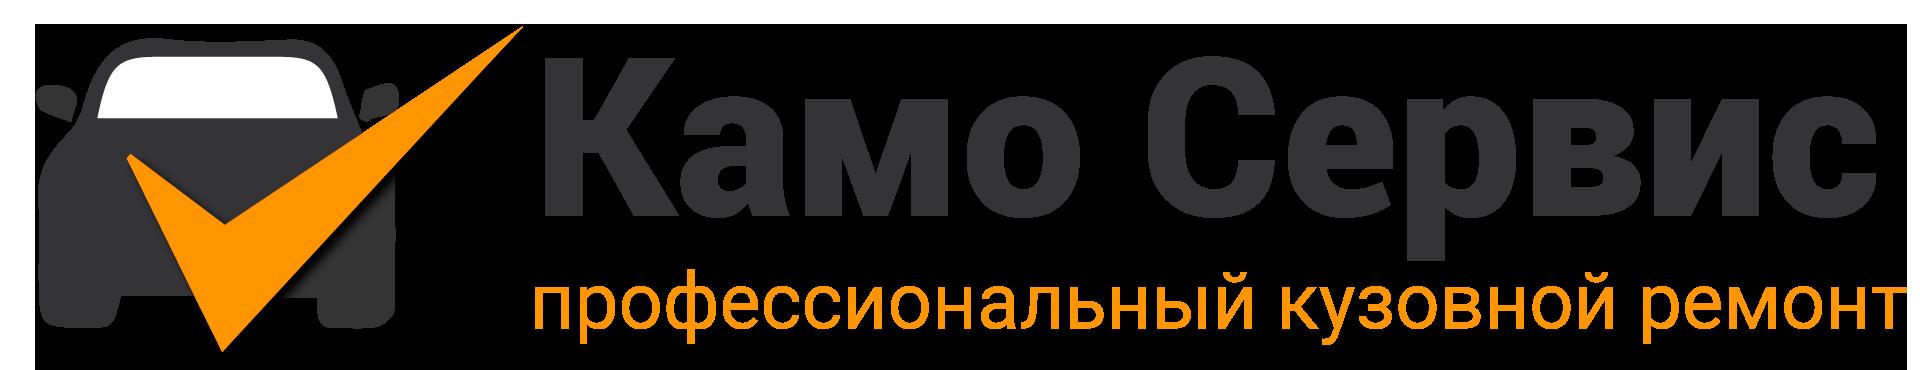 Камо Сервис - кузовные работы любой сложности в Рязани